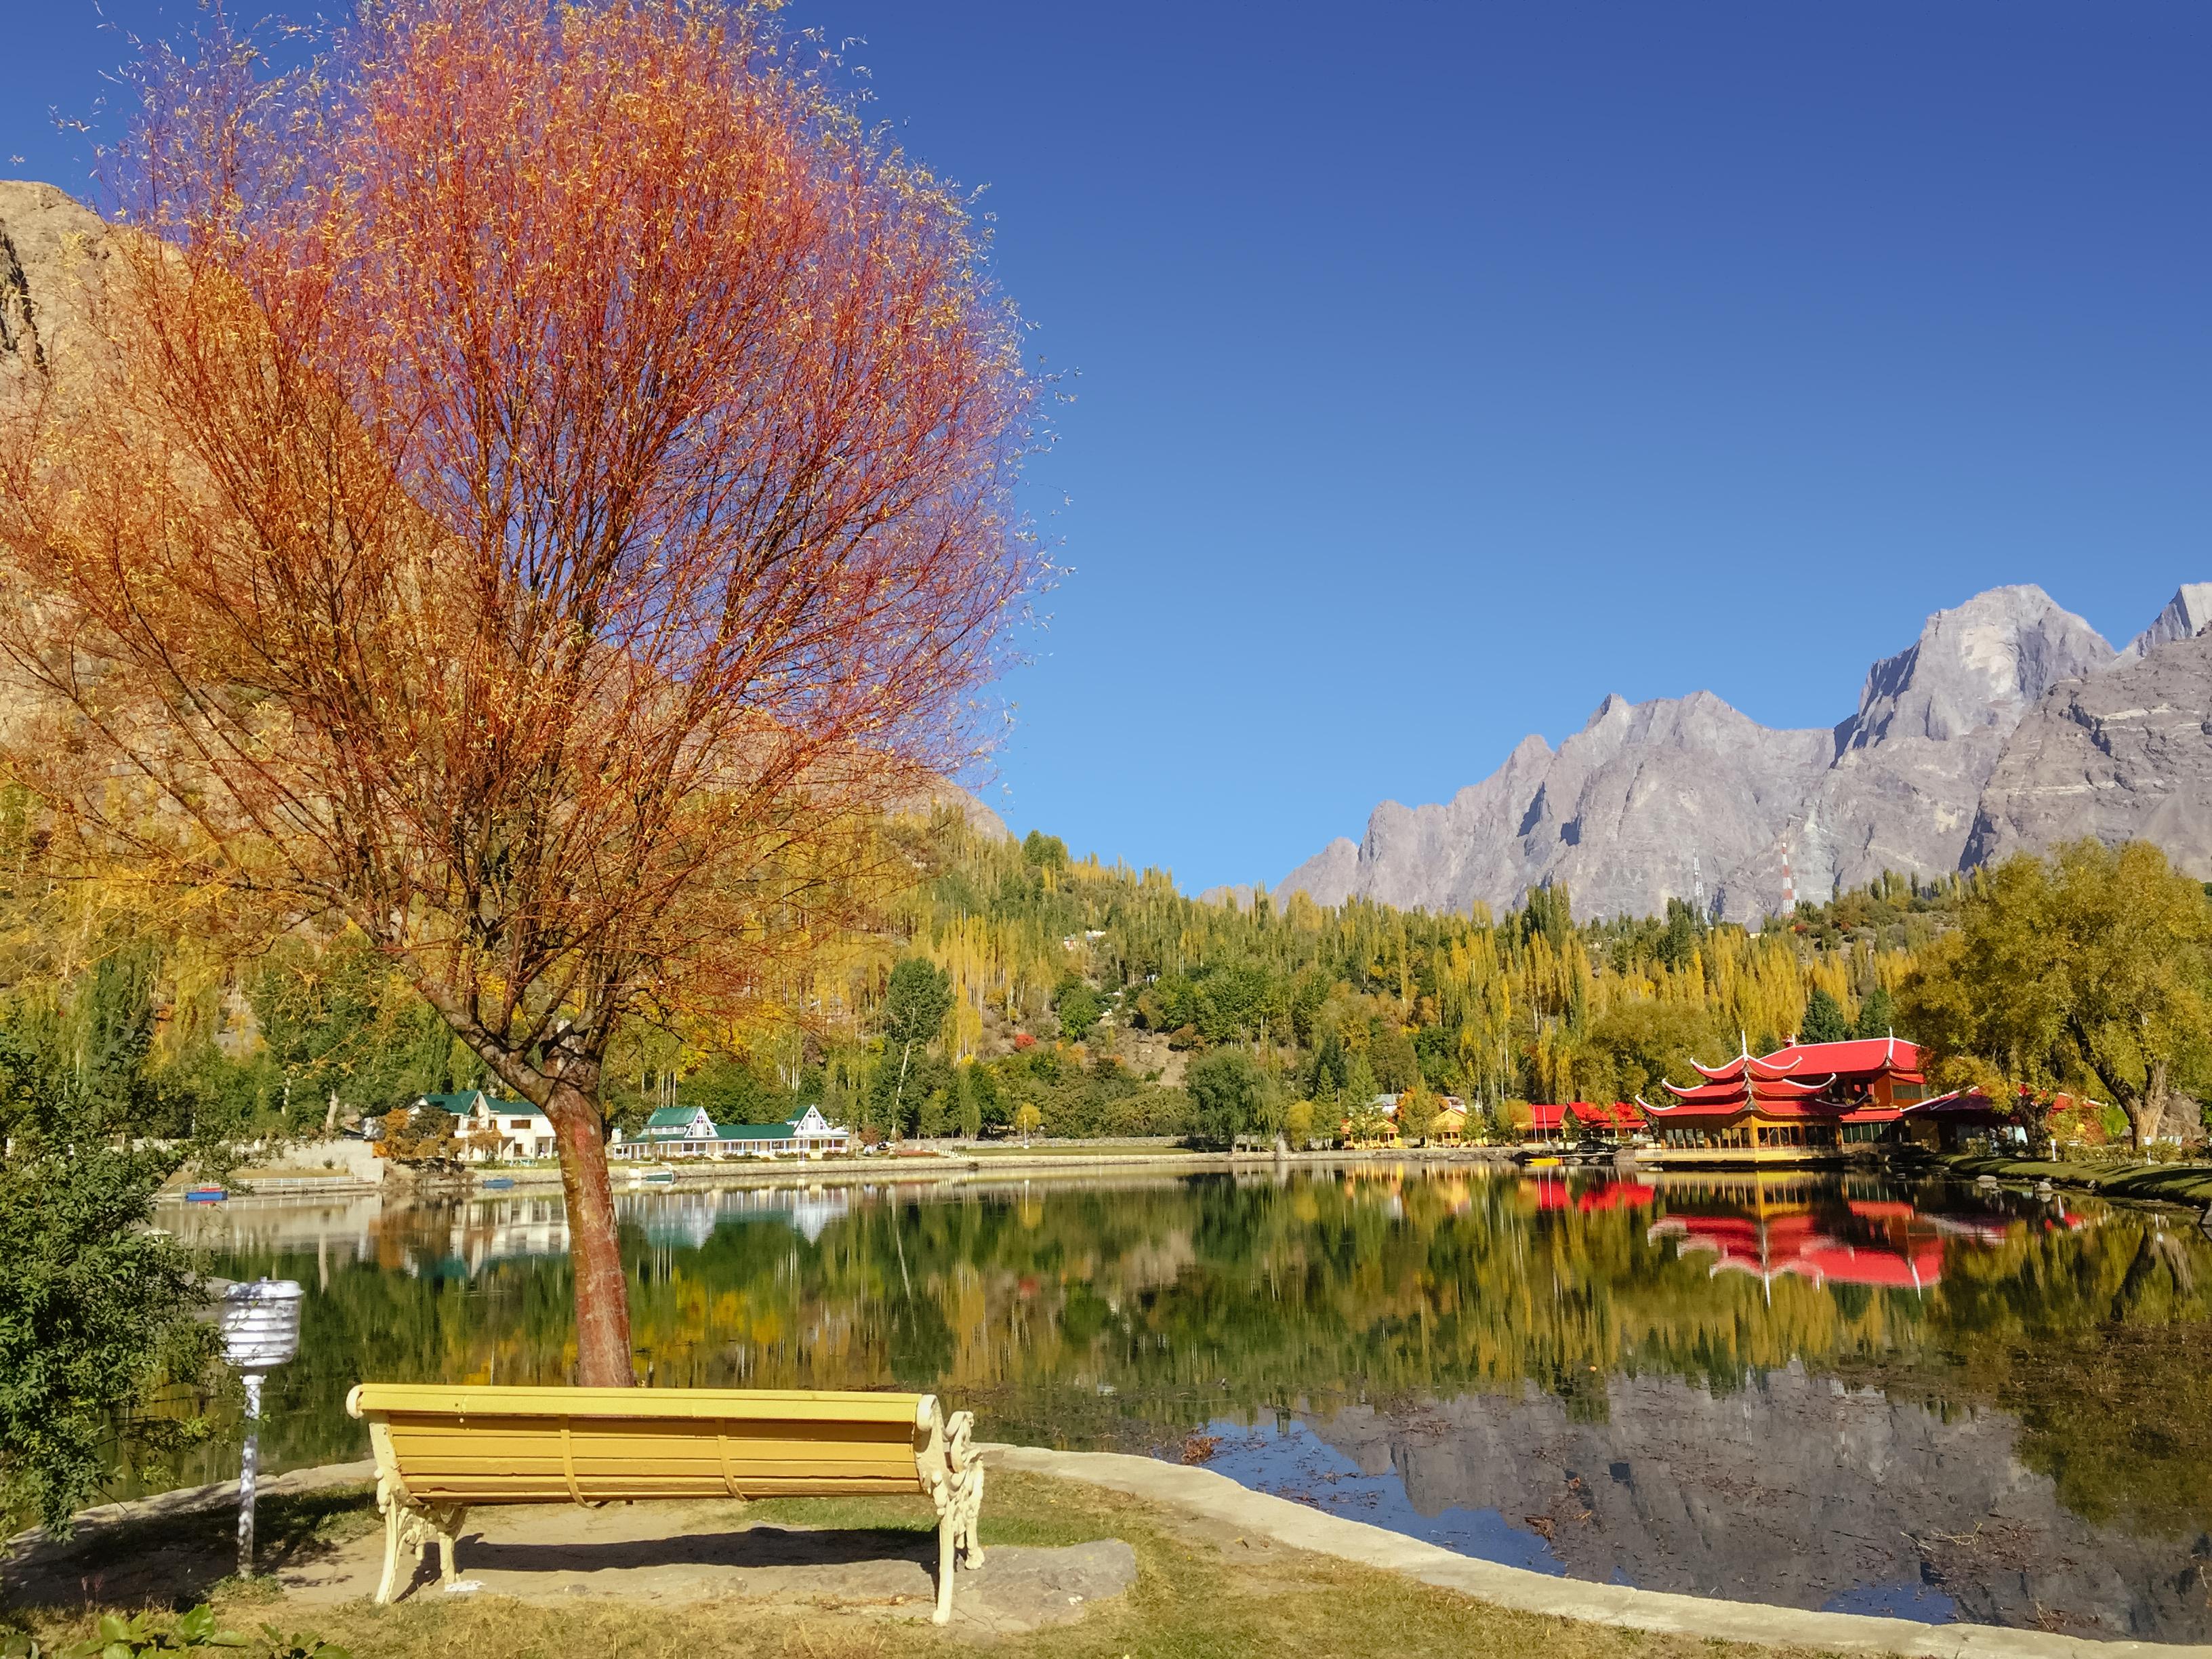 kleurrijk gebladerte in de herfst bij Kachura-meer, Pakistan